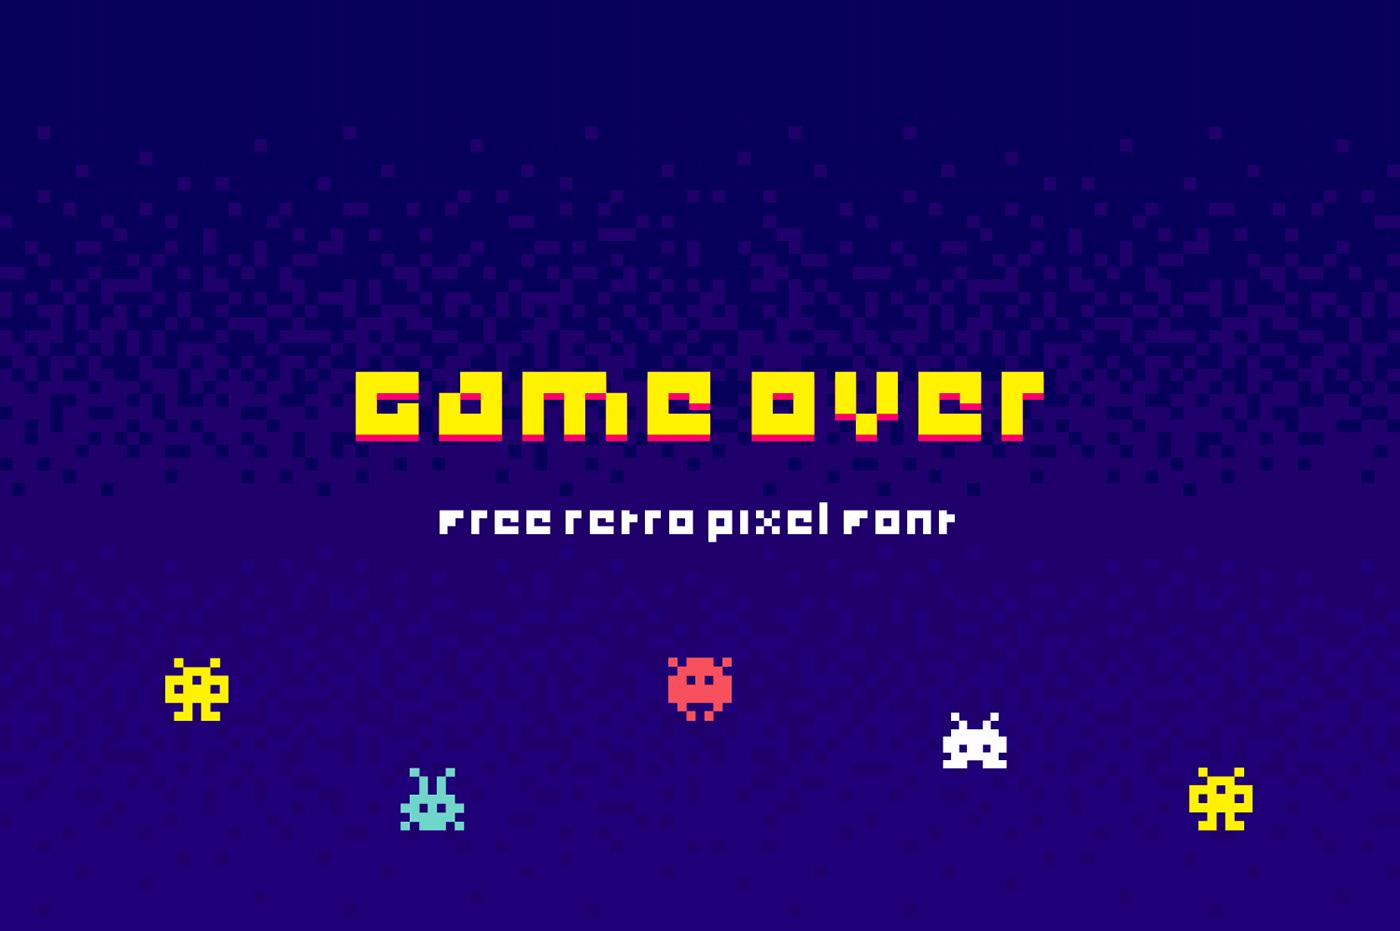 typography   free font pixel Retro type game arcade 80's